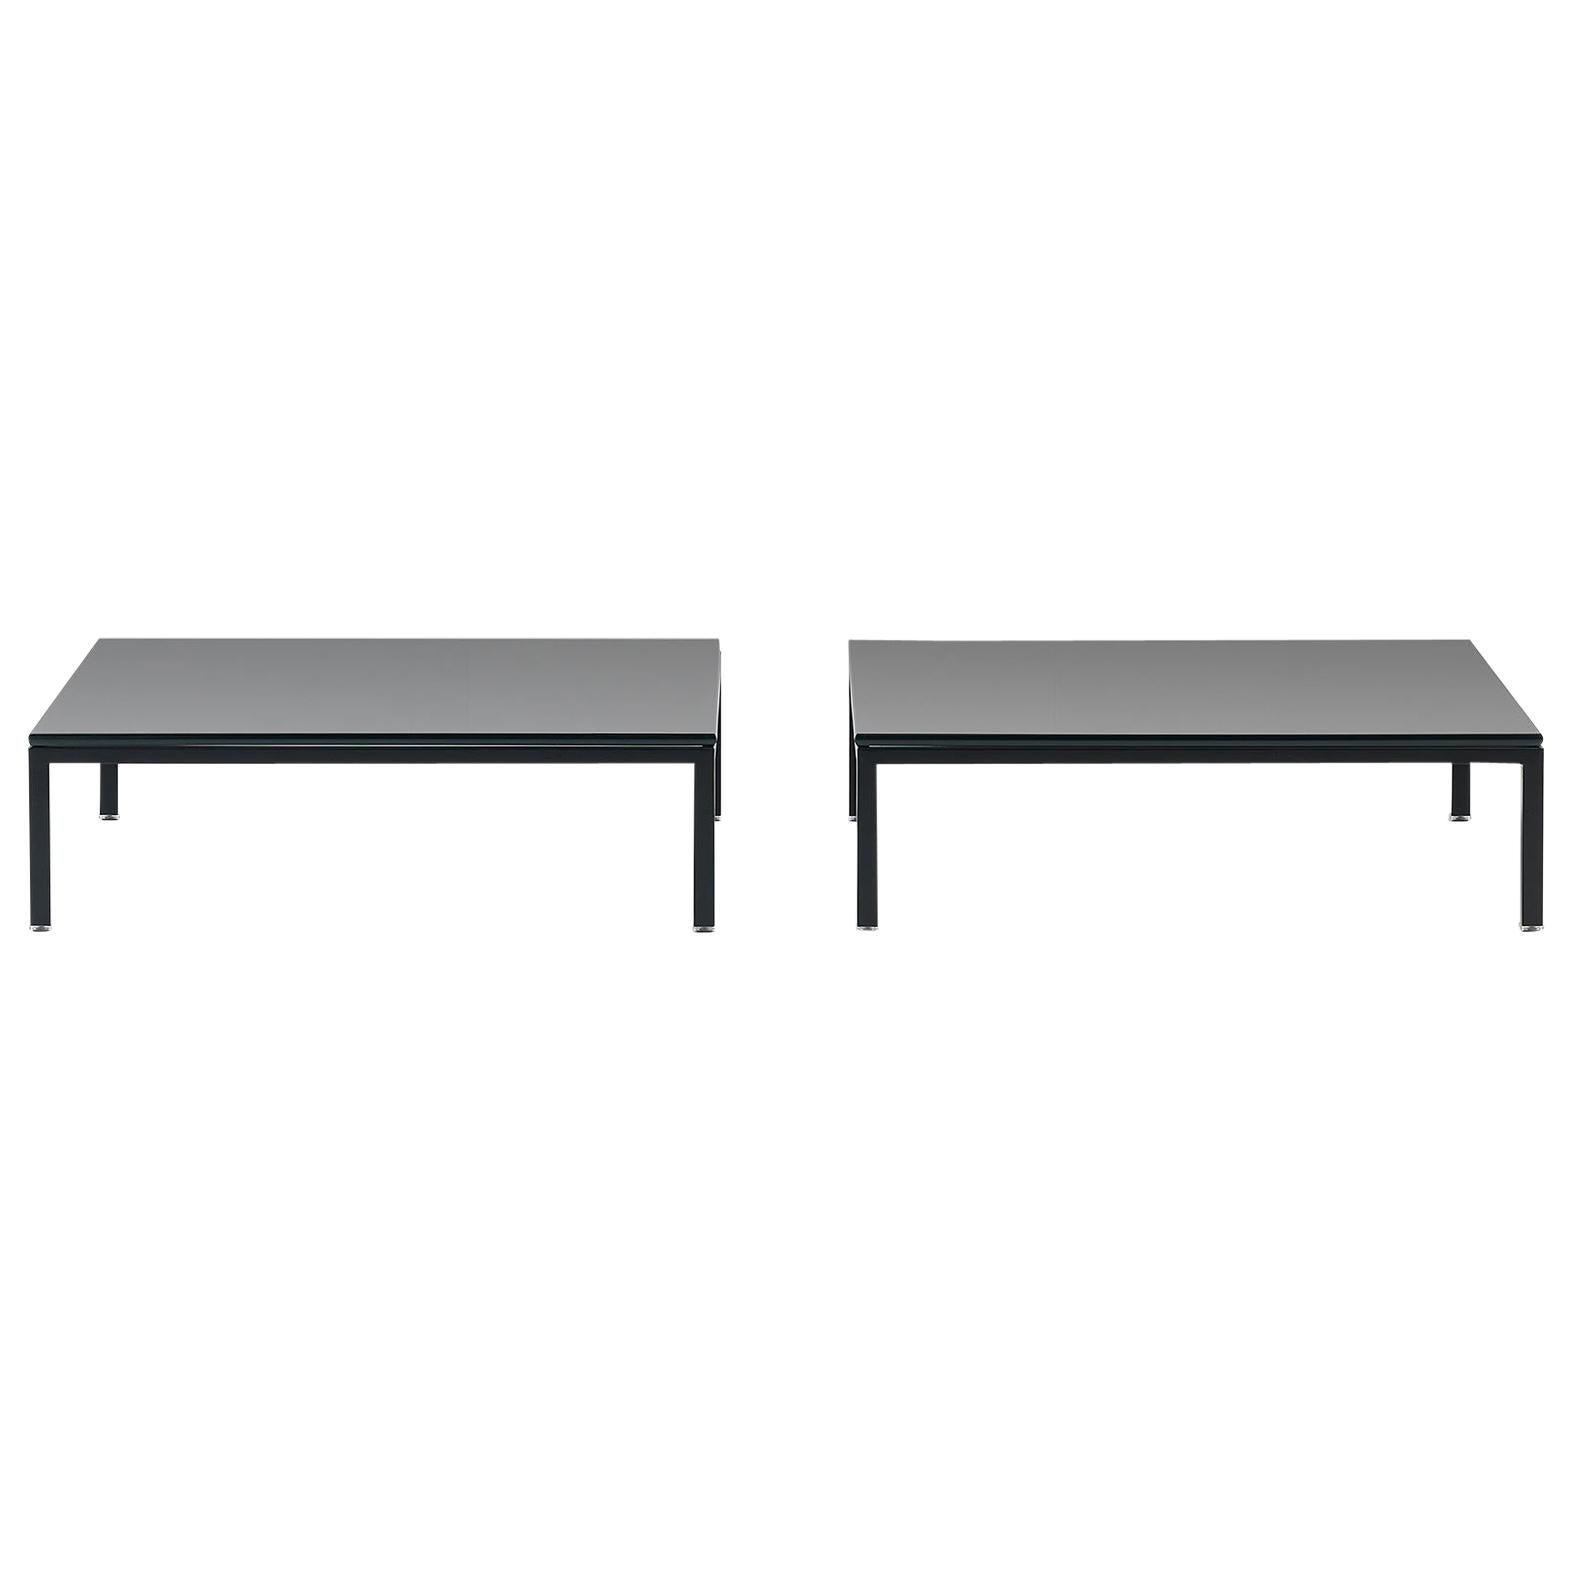 De Sede DS-159 Table with Black Top by De Sede Design Team